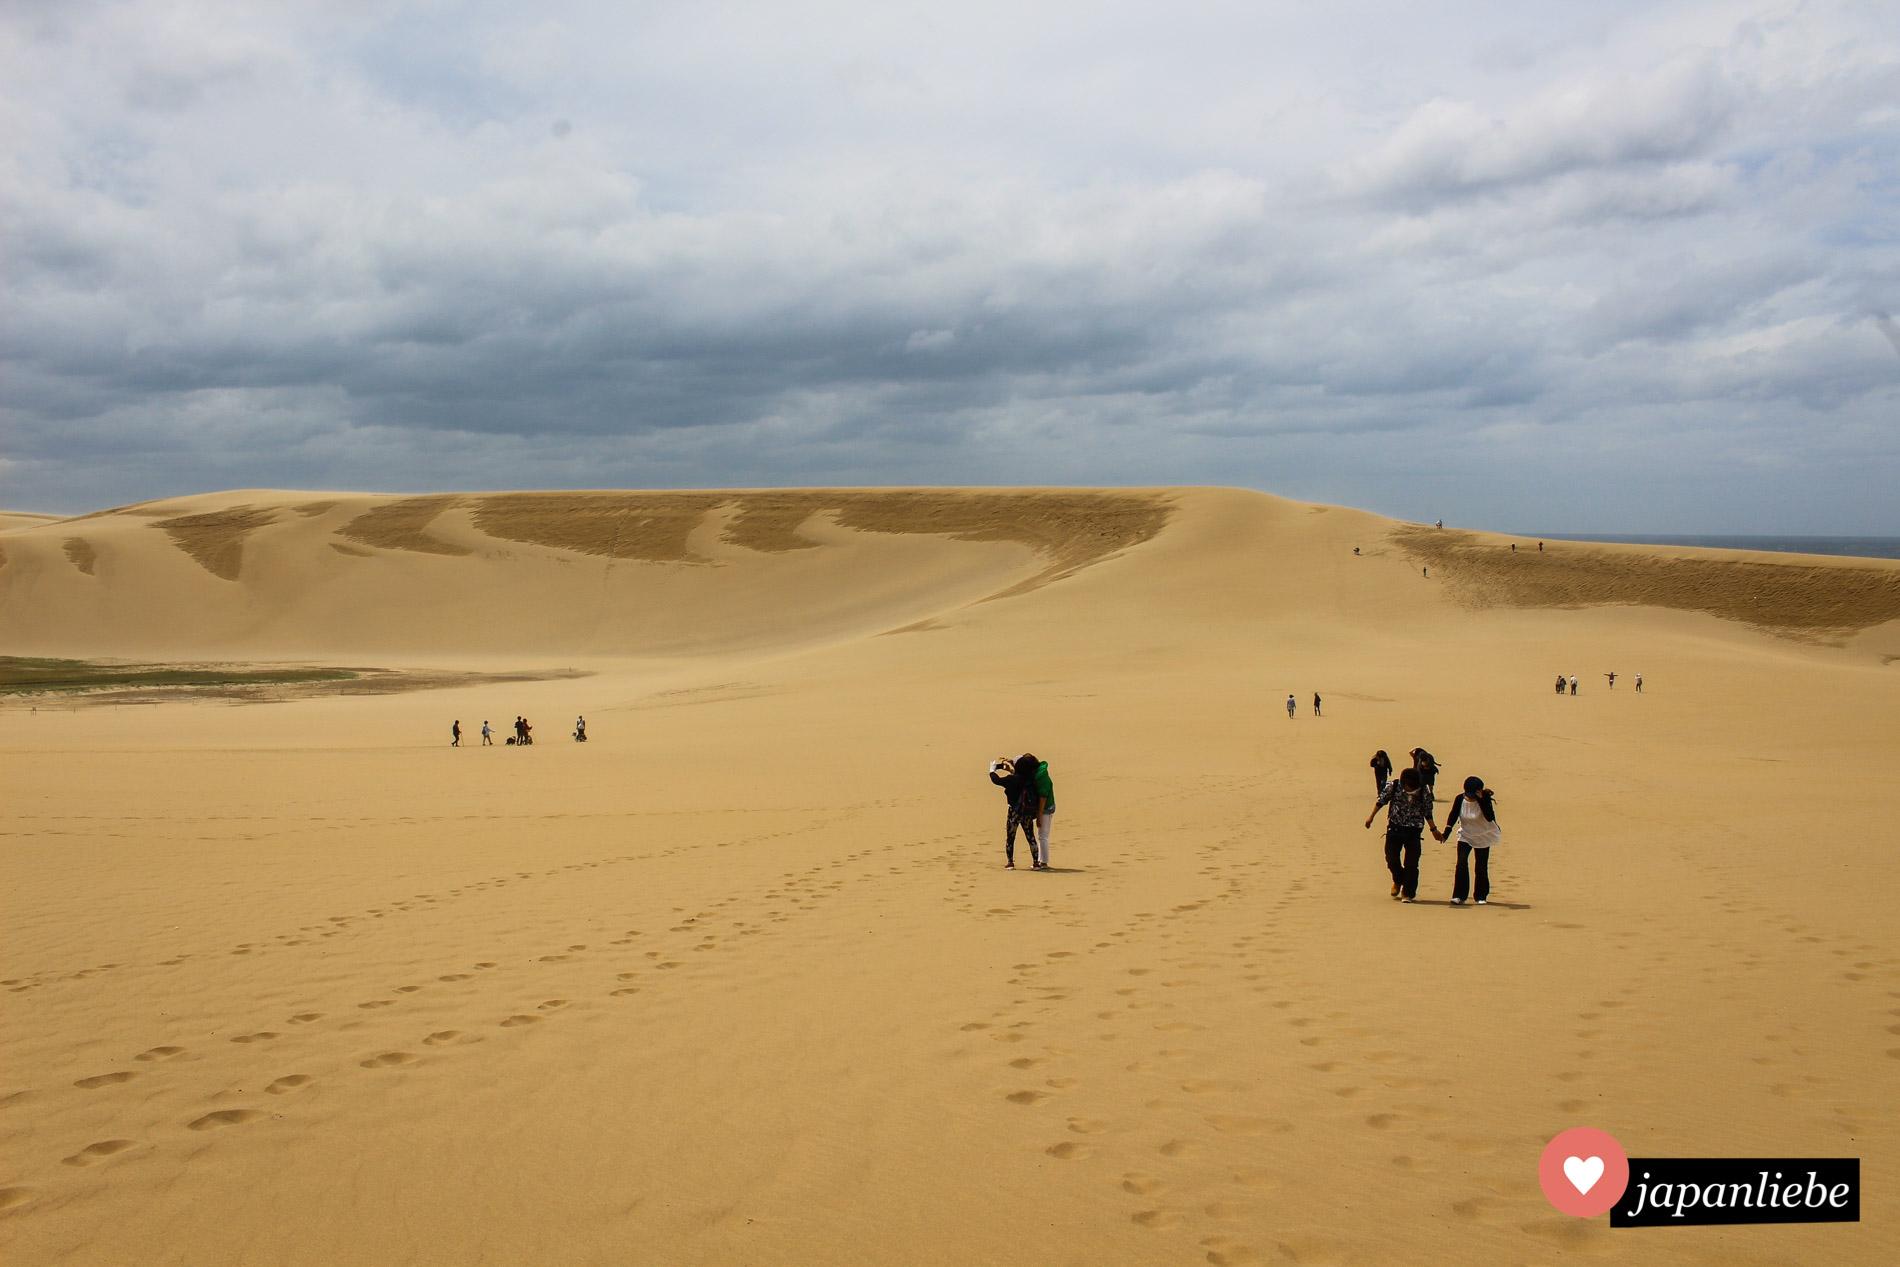 Touristen machen sich auf den Weg zu ihrer eigenen, kleinen Wüstenexpedition.